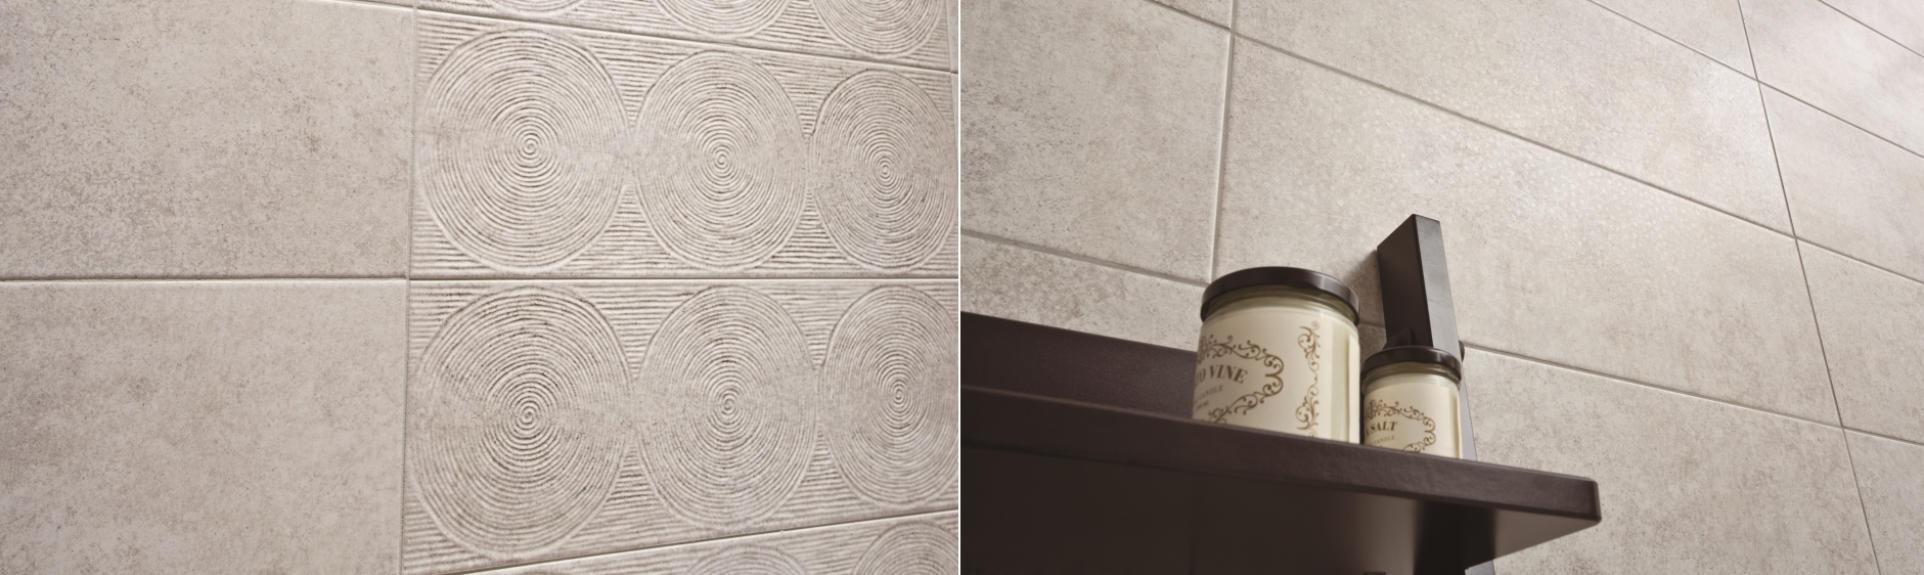 Nirrad / Niro - Łazienka, Salon, Przedpokój